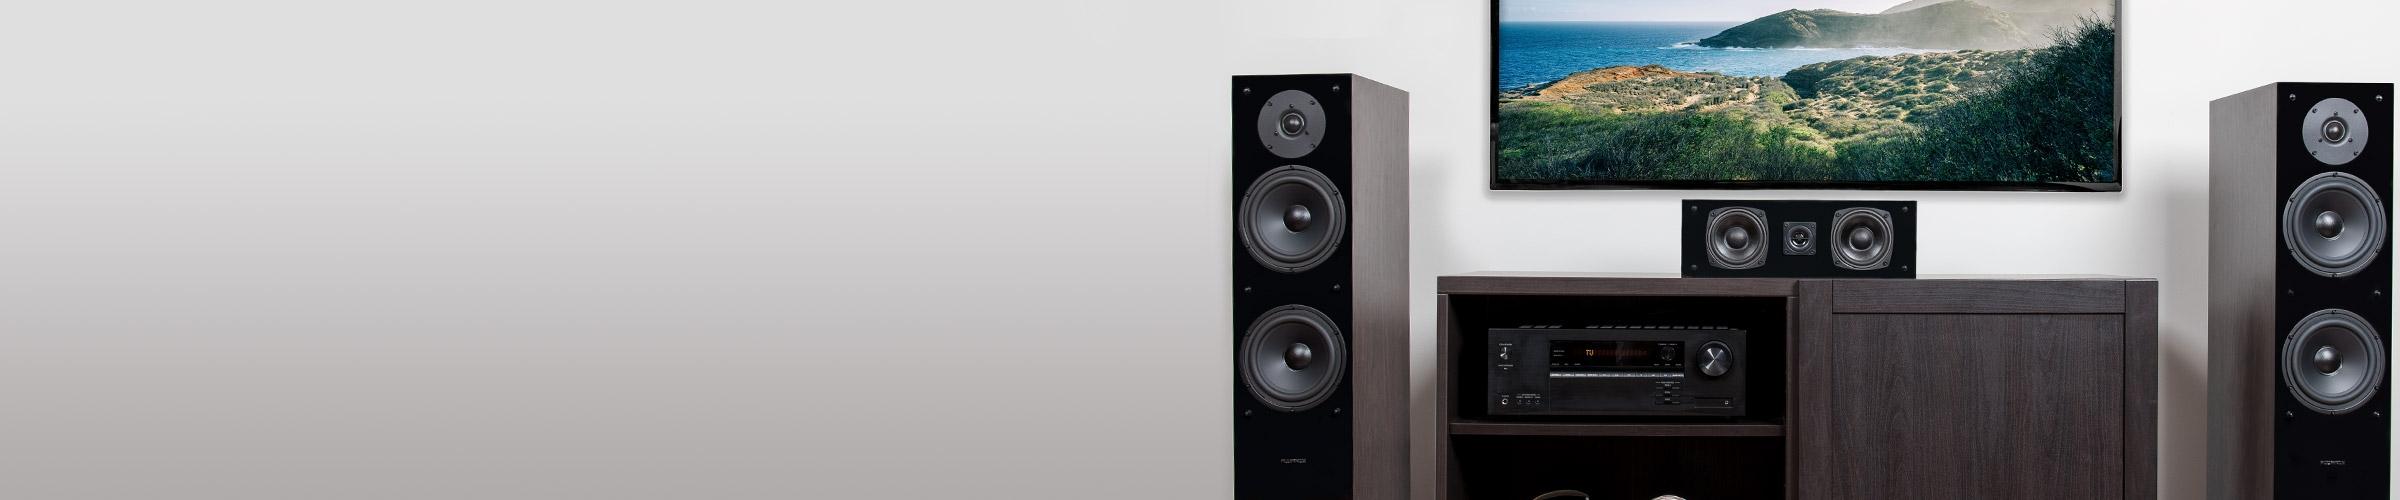 SXHTB Home Theater Speaker System Sleek